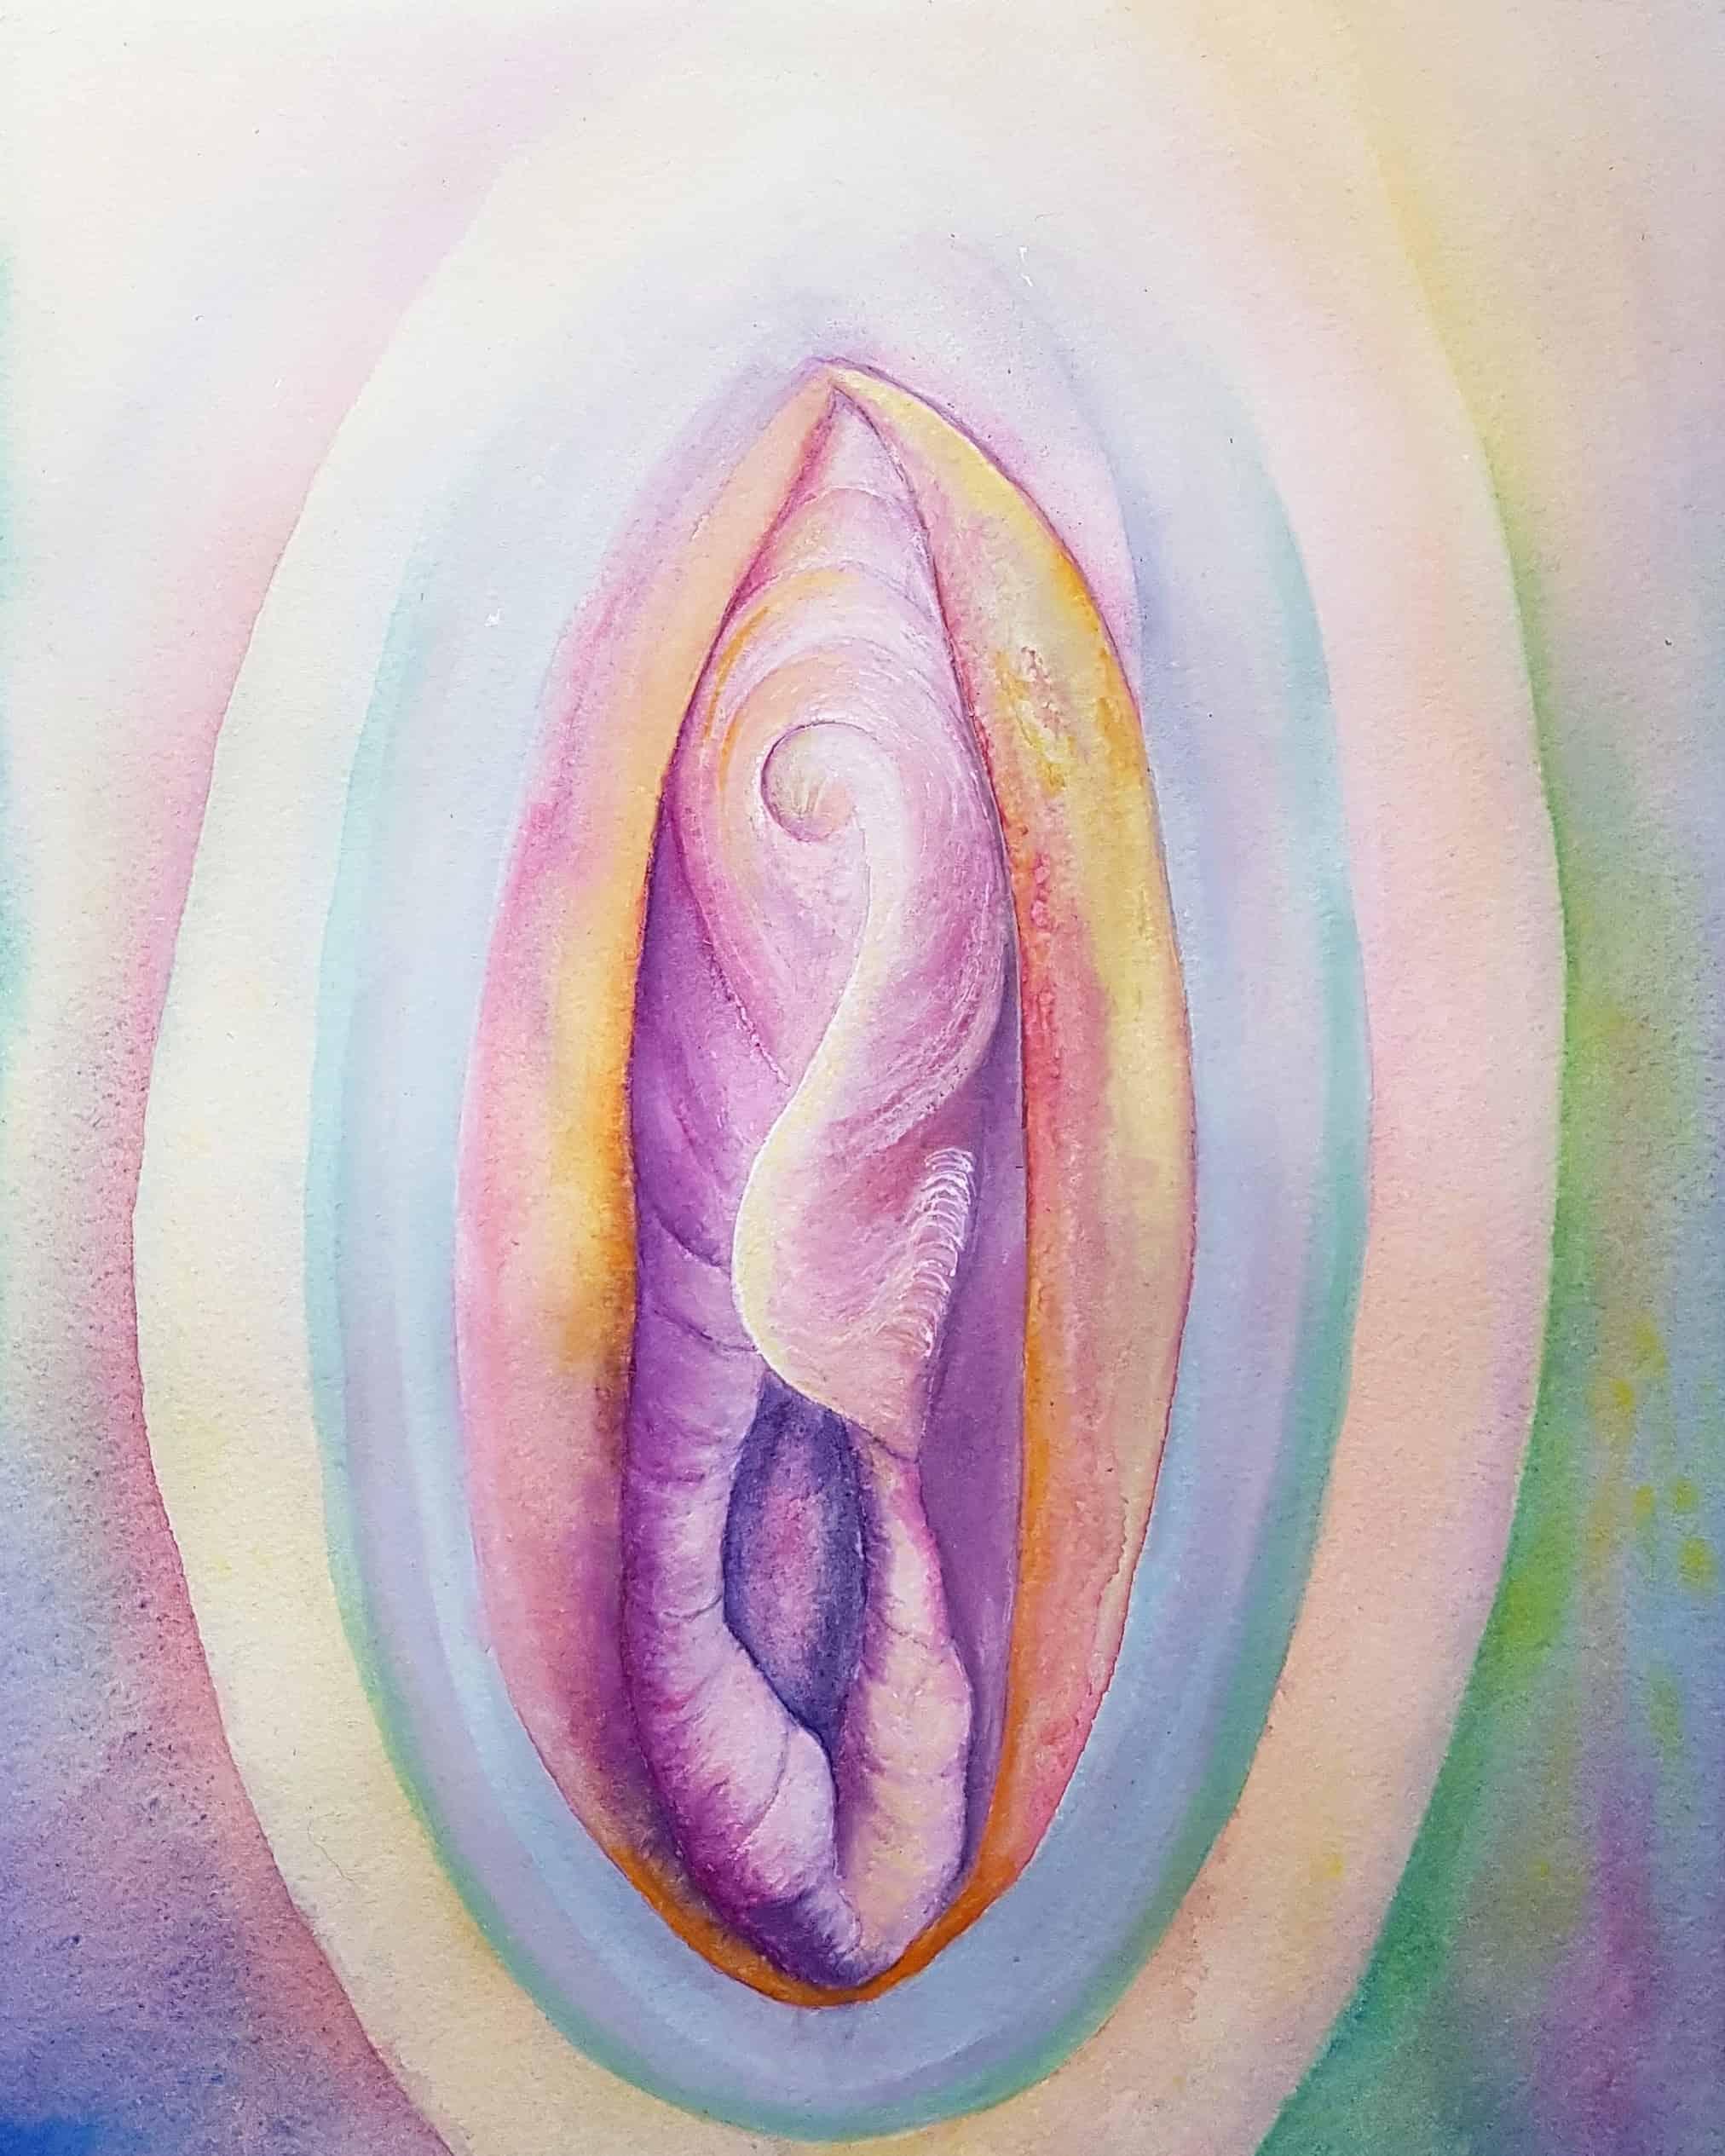 Chrysalis vulva yoni